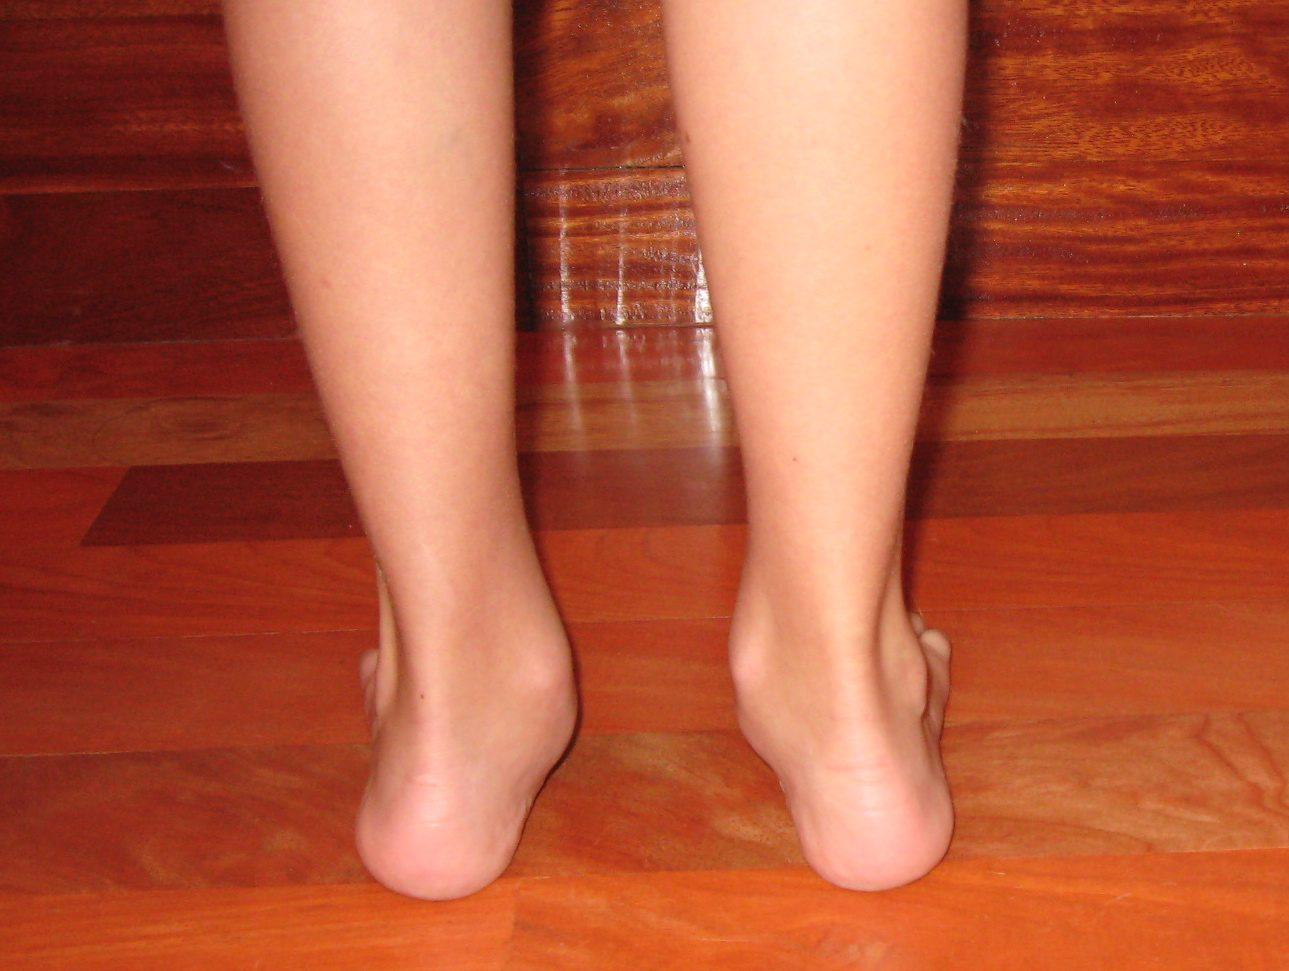 Foto de la vista posterior de unos pies plano-valgo antes del trabajo correctivo que realiza el Centro de Danza Santa Cruz.